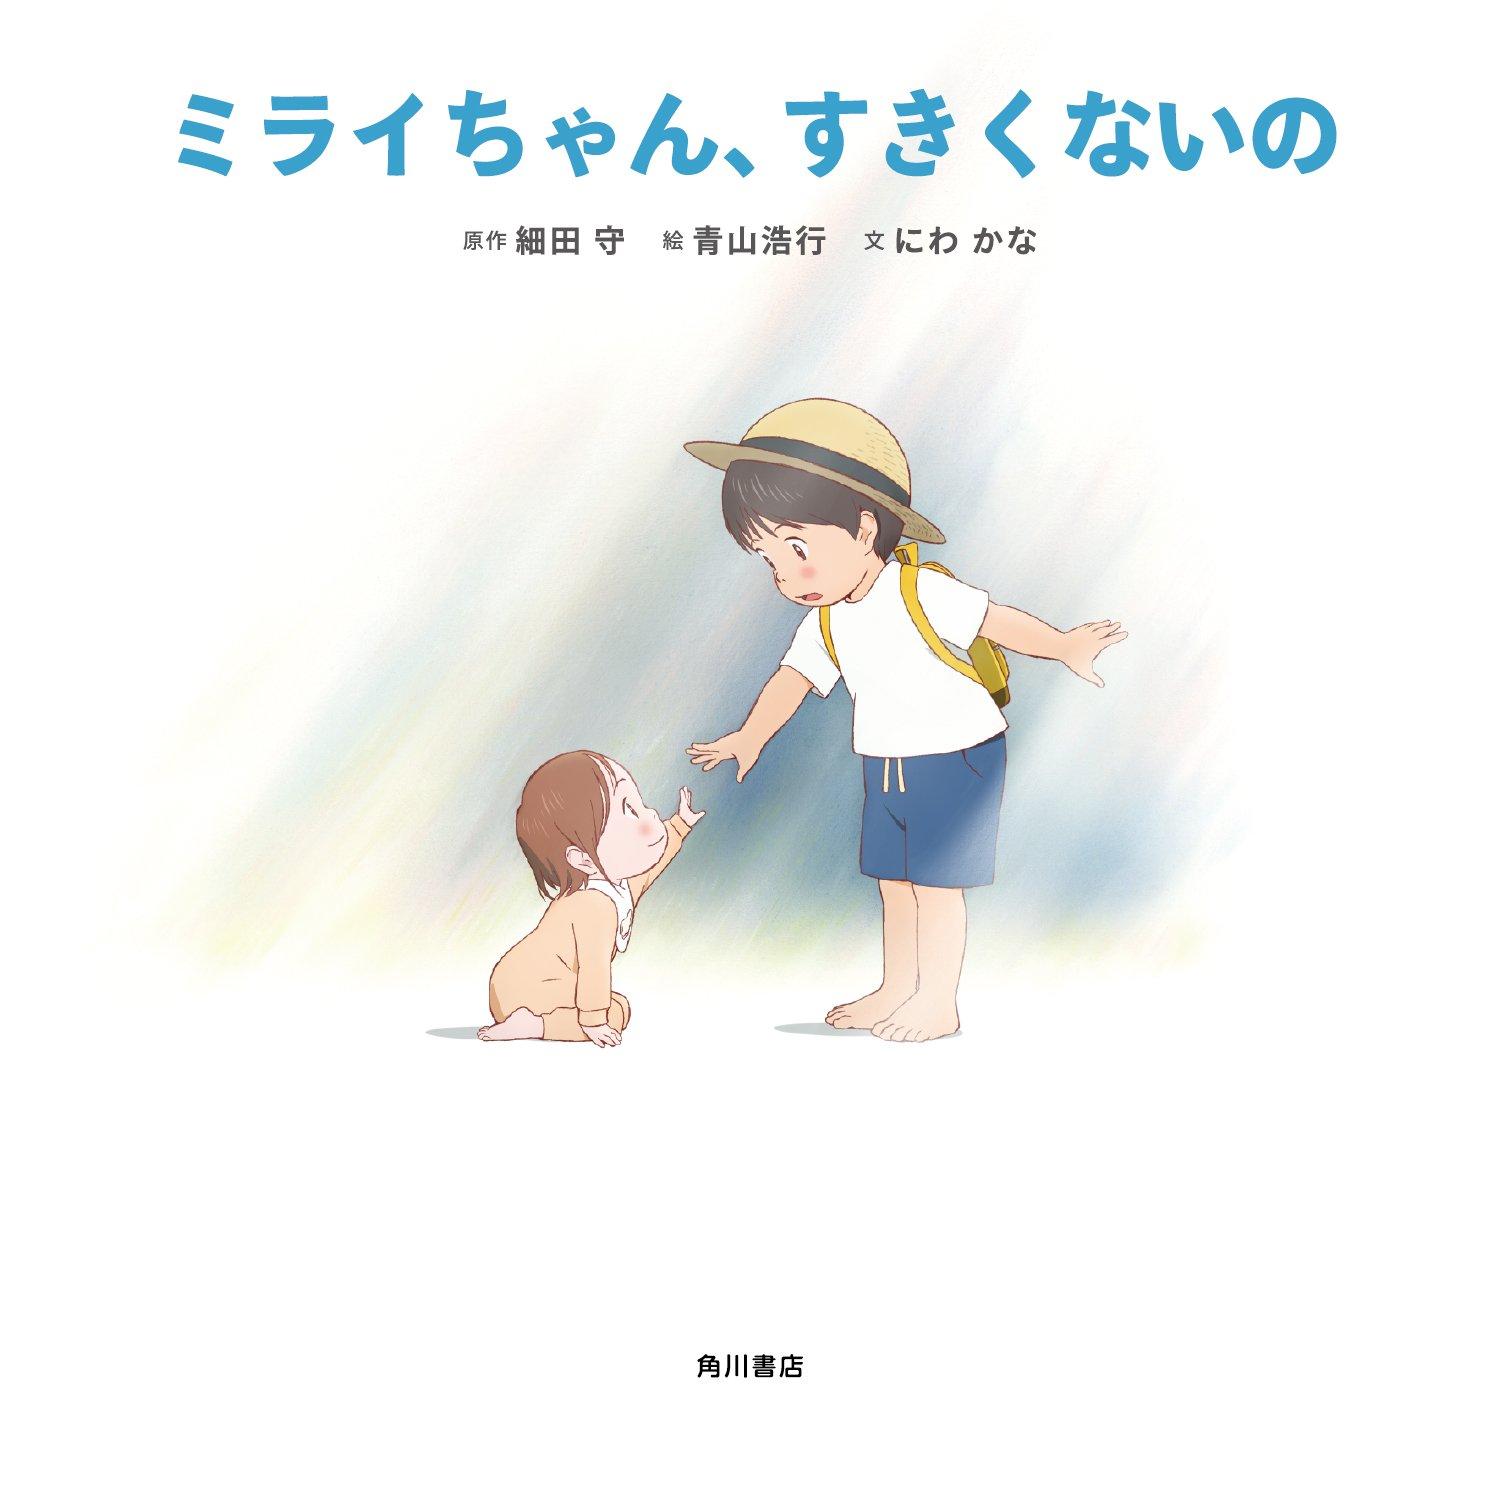 Miraichan, sukikunai no (ミライちゃん、すきくないの)